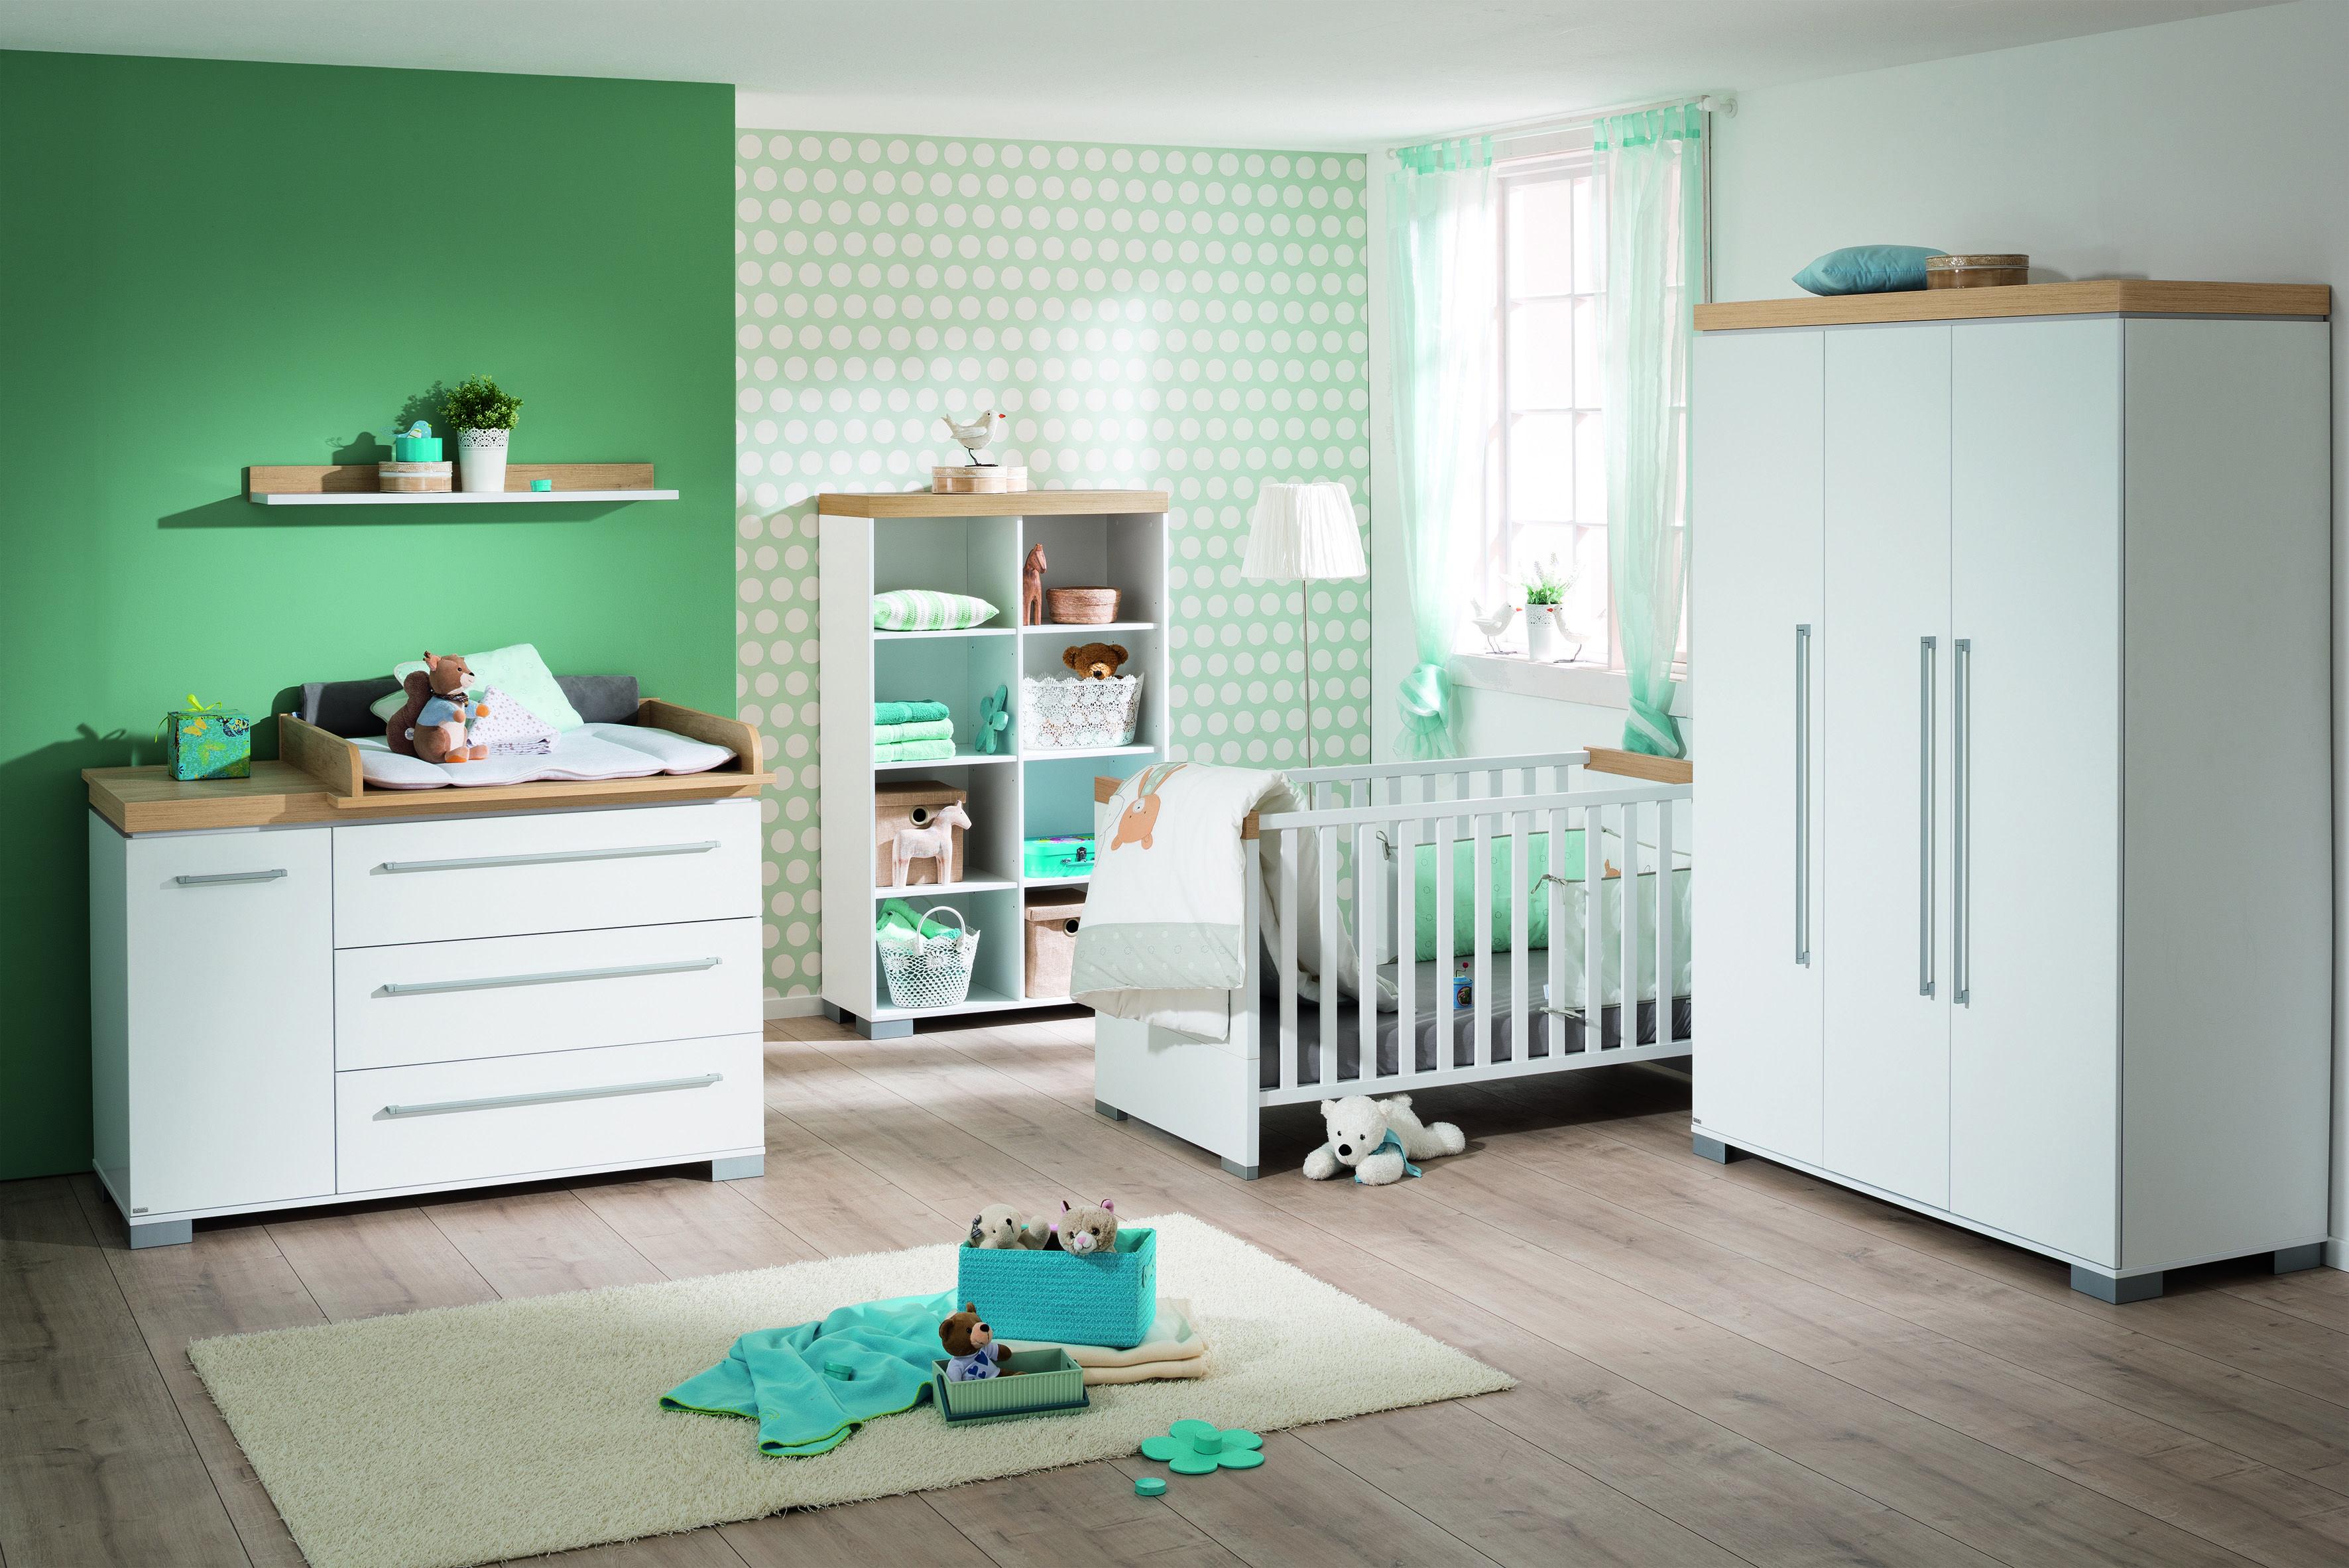 Babyzimmer Design paidi elegantes babyzimmer design mit klaren linien in